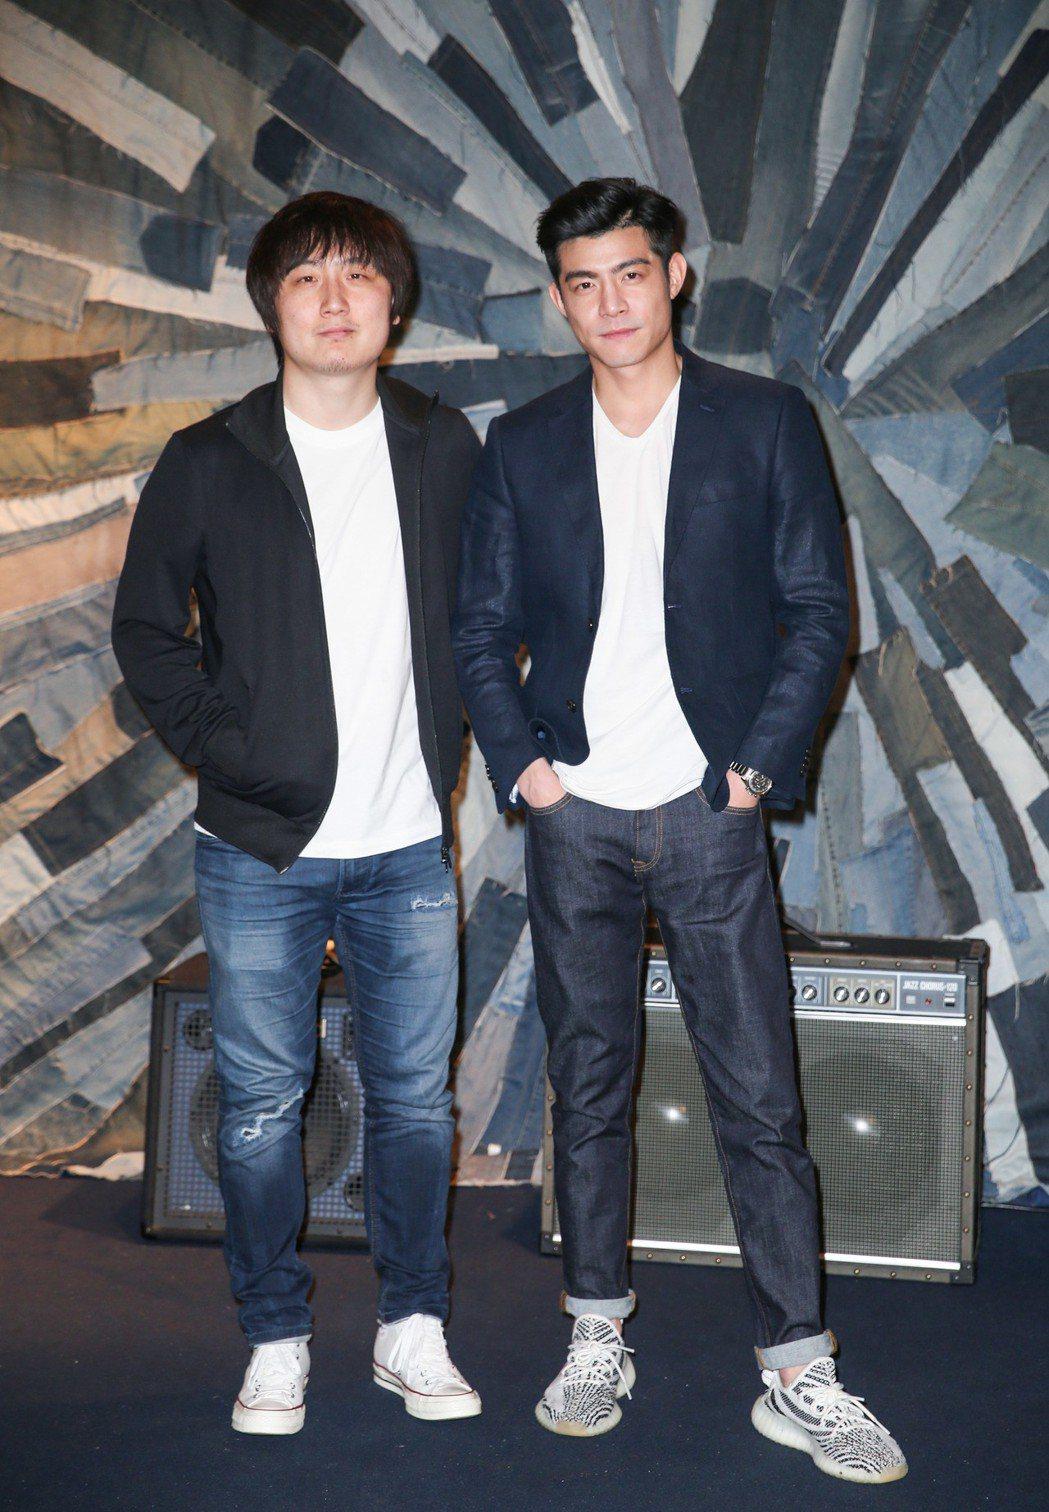 專訪《鏡像人.明日青春》導演張林子(左)和演員王柏傑(右) 。記者陳柏亨/攝影